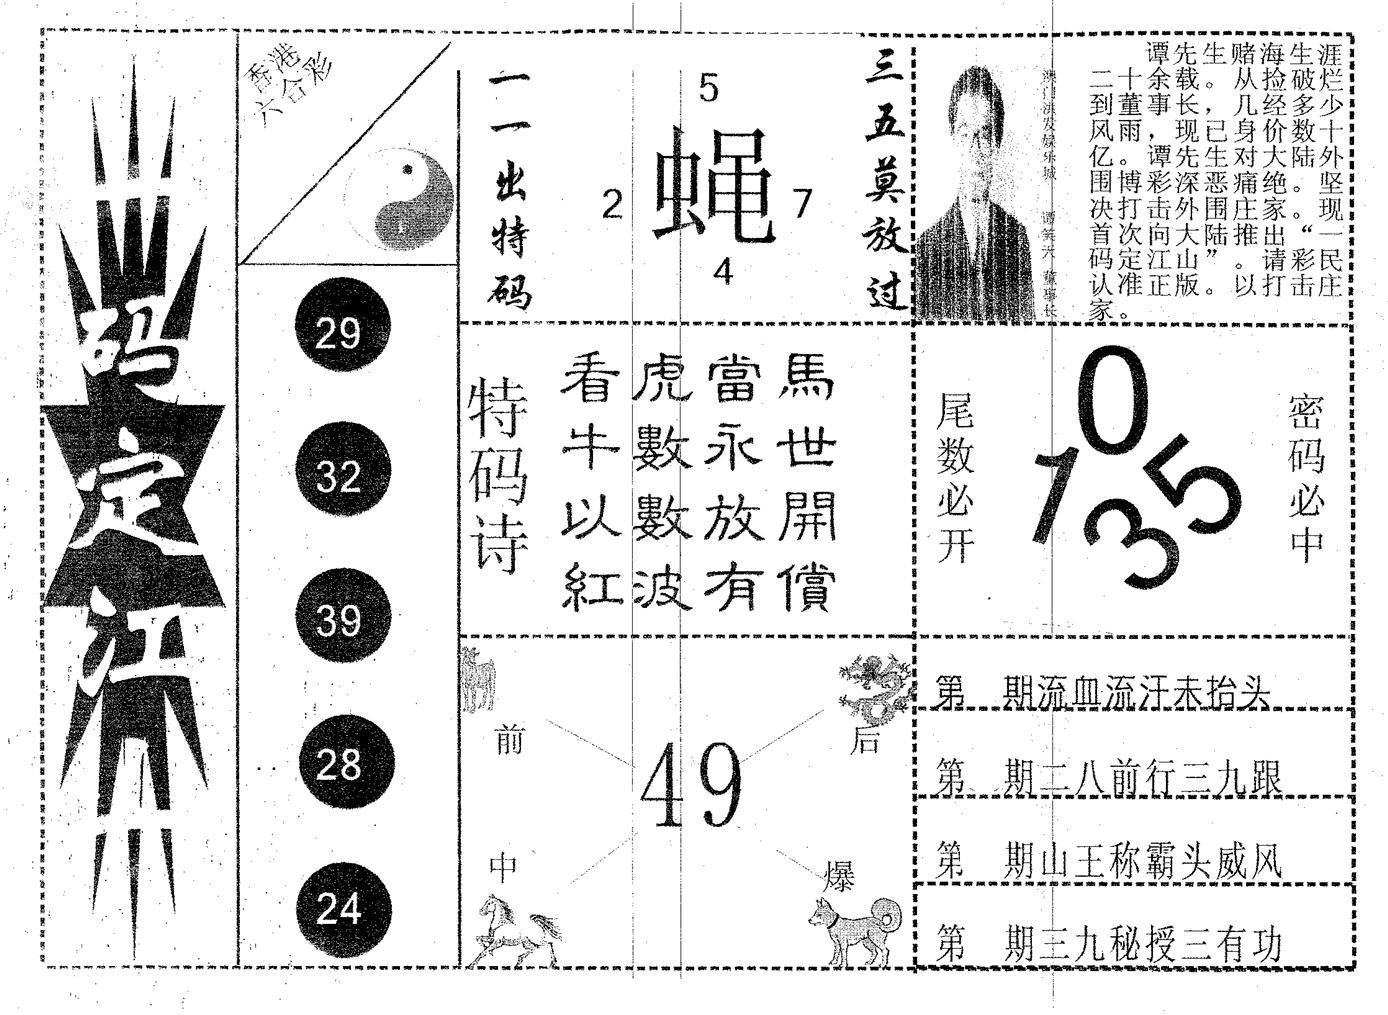 083期一码定江山(黑白)